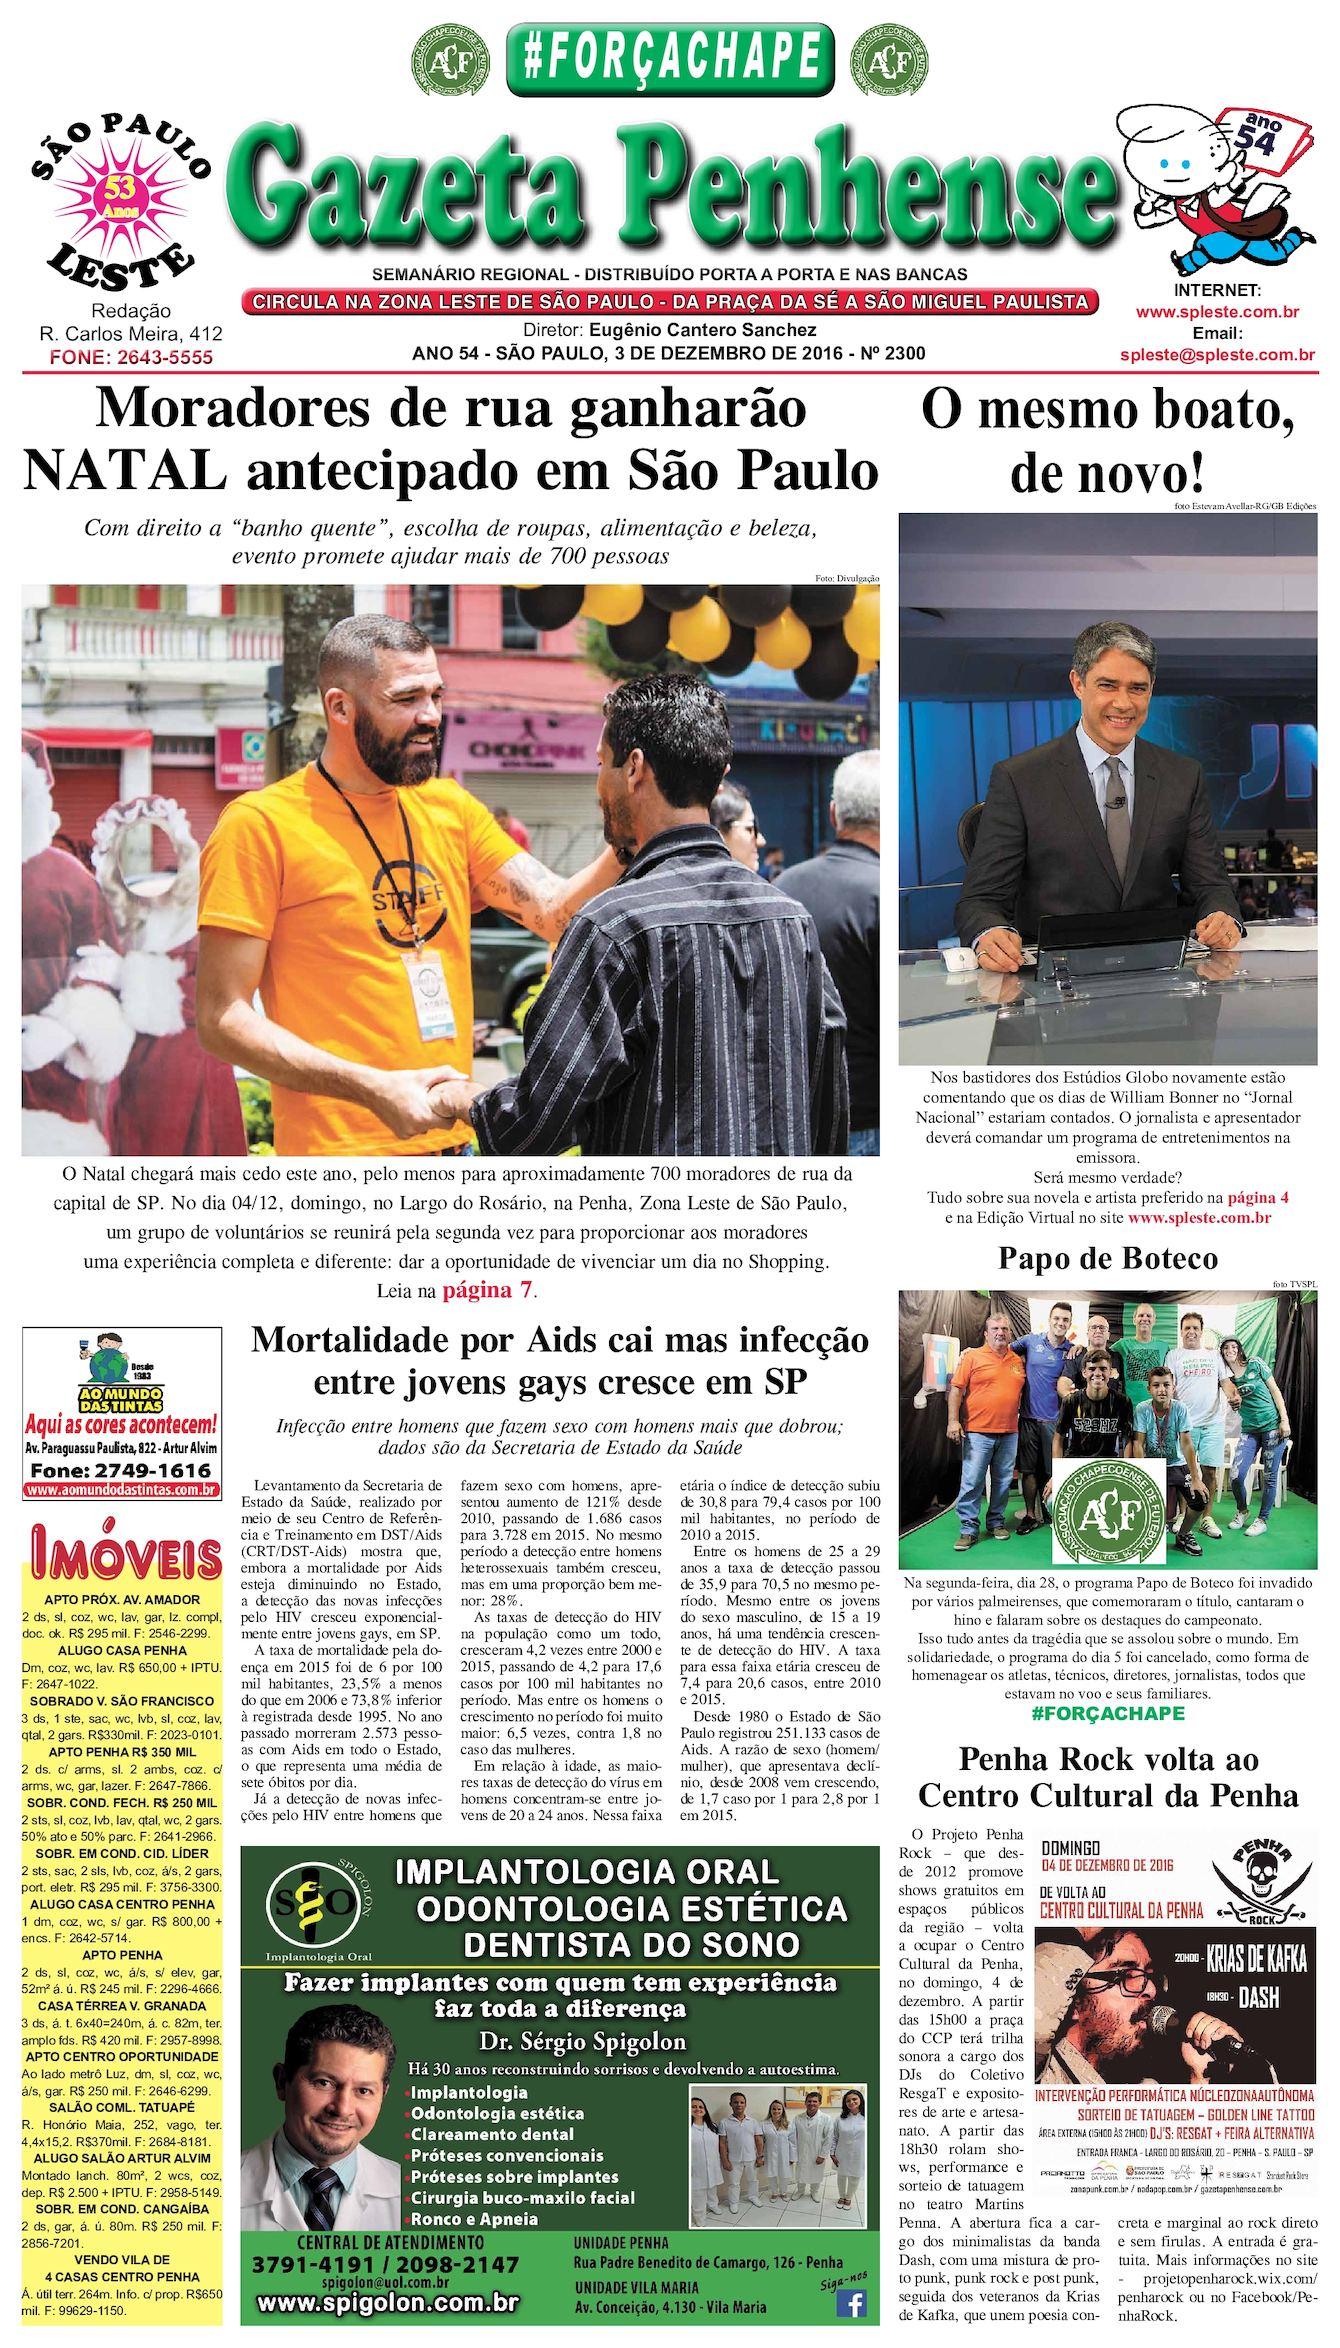 Calaméo - Gazeta Penhense edição 2300 - 03.12.16 f74cd87d09